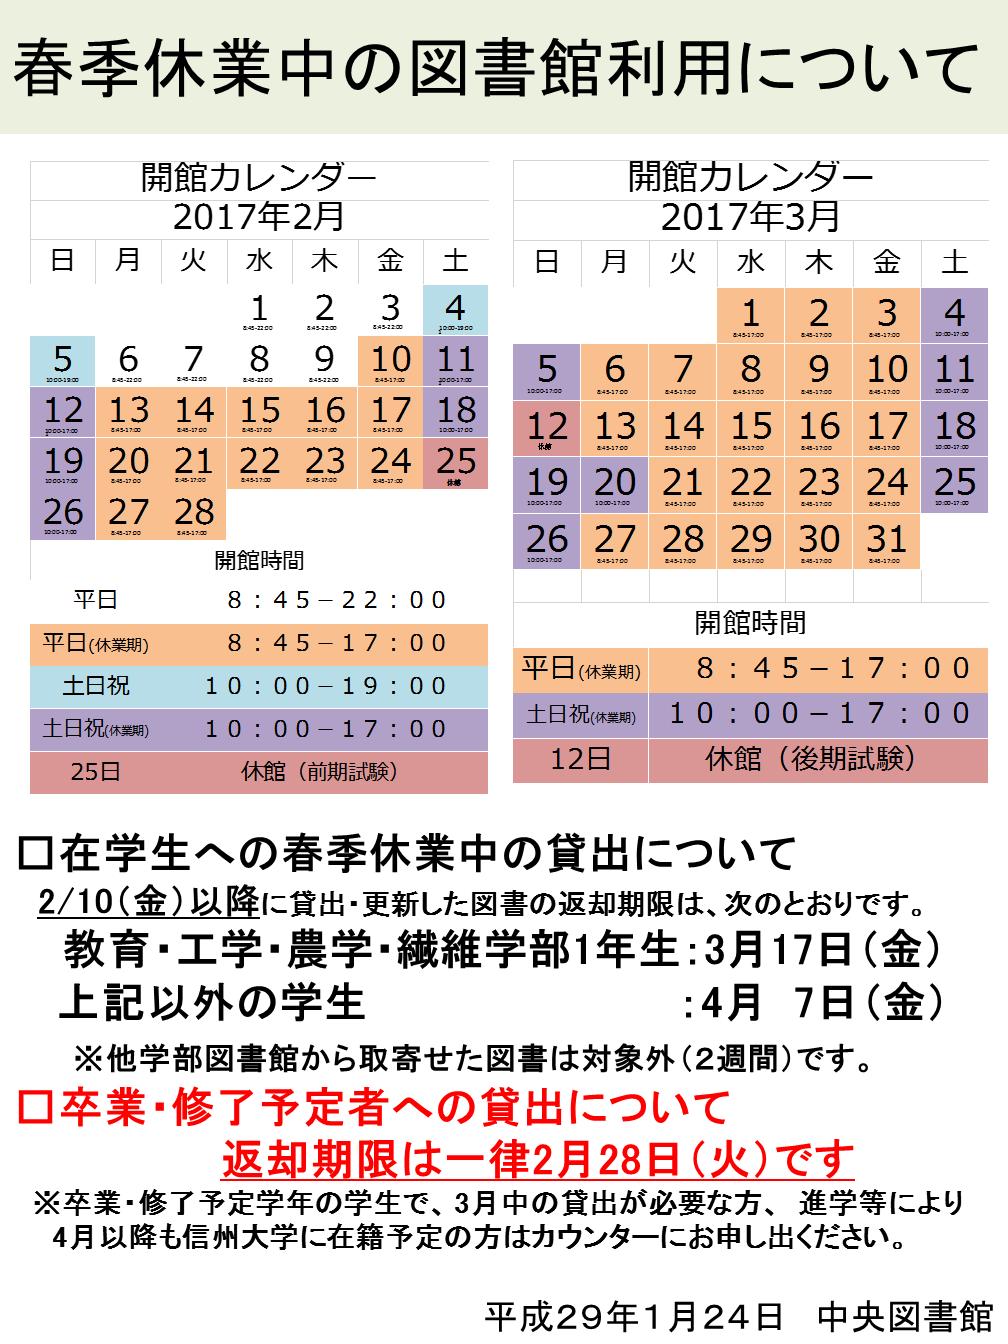 http://www.shinshu-u.ac.jp/institution/library/matsumoto/uploadimg/f89acad50910168271f11a22af77c971.png